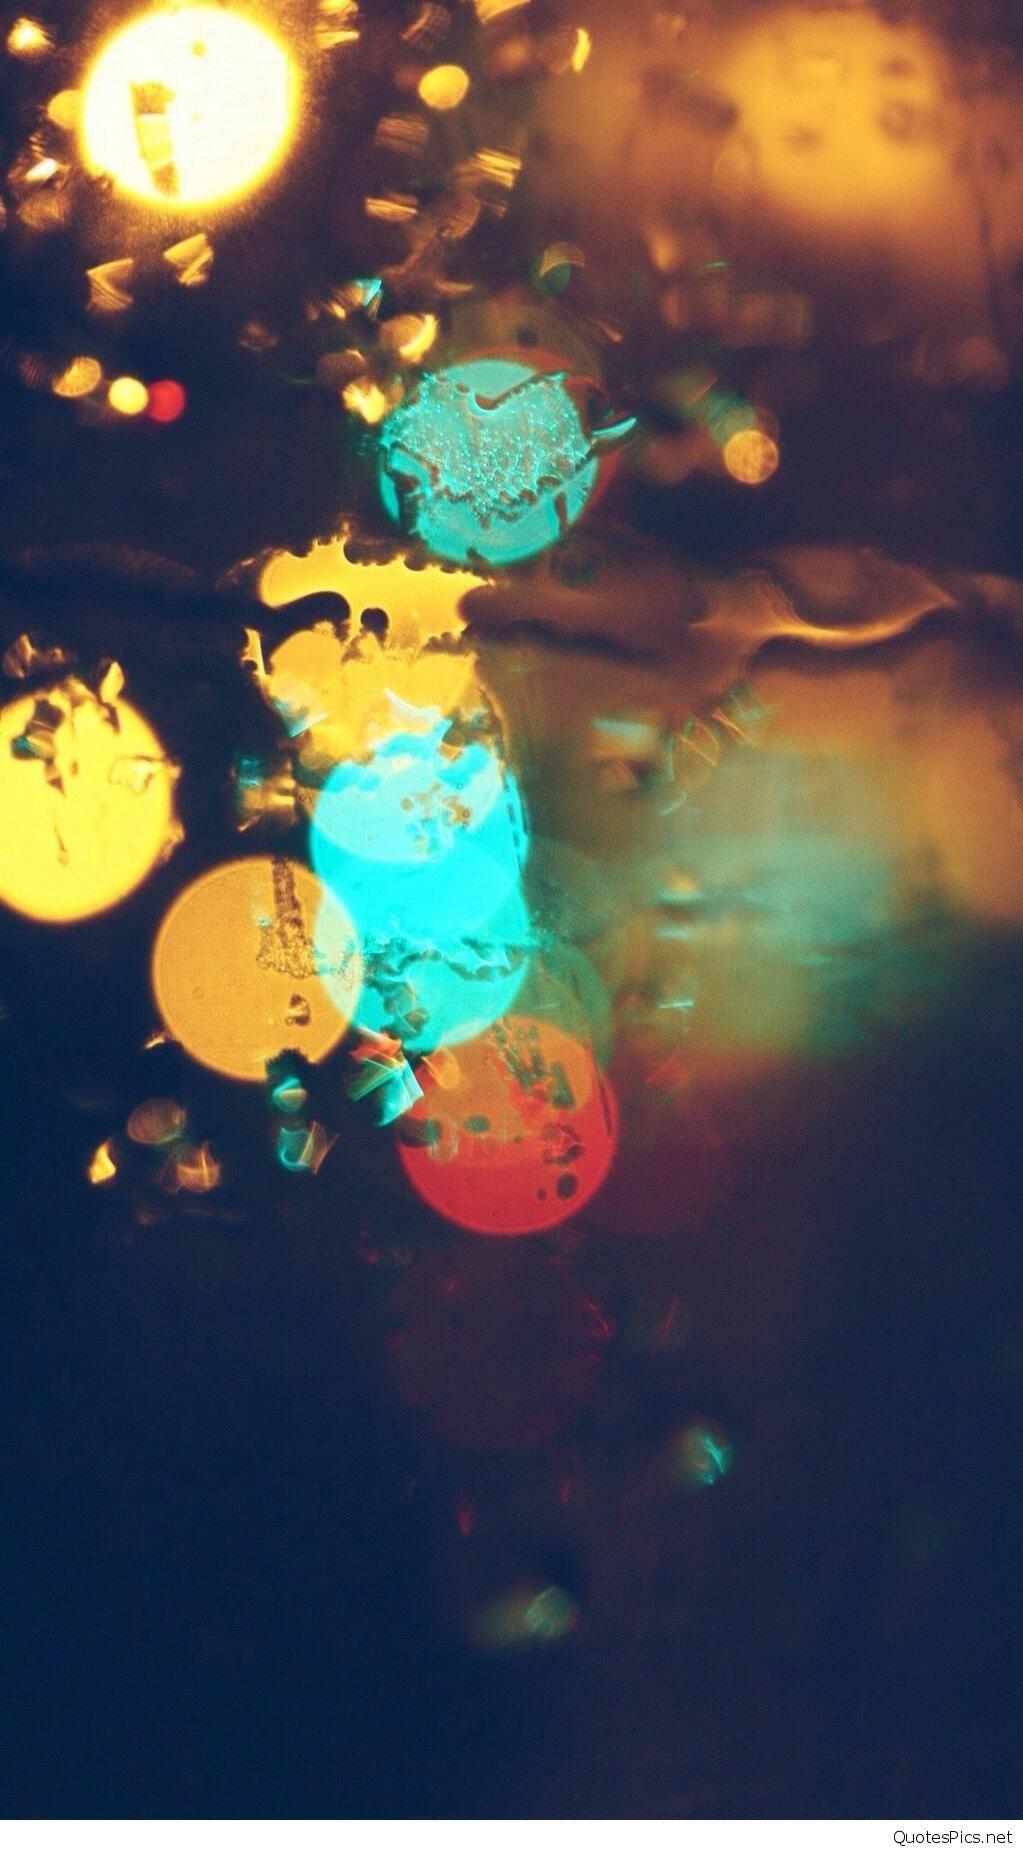 Wallpaper Iphone 7 Cute Screensaver Iphone Ios 7